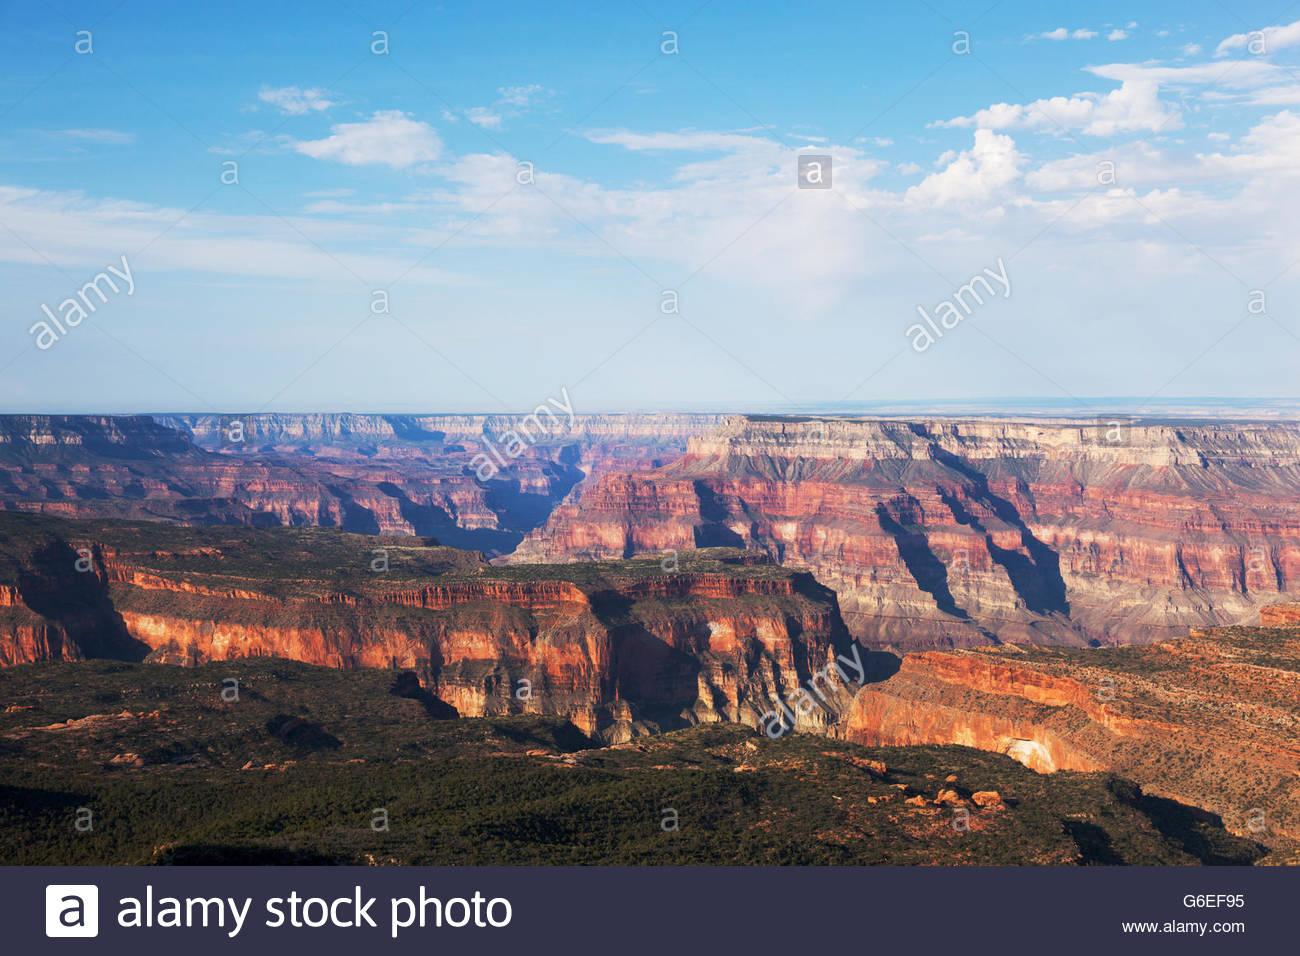 Desde el punto de vista de la jarra loca borde norte del Parque Nacional Gran Cañón en Arizona Imagen De Stock